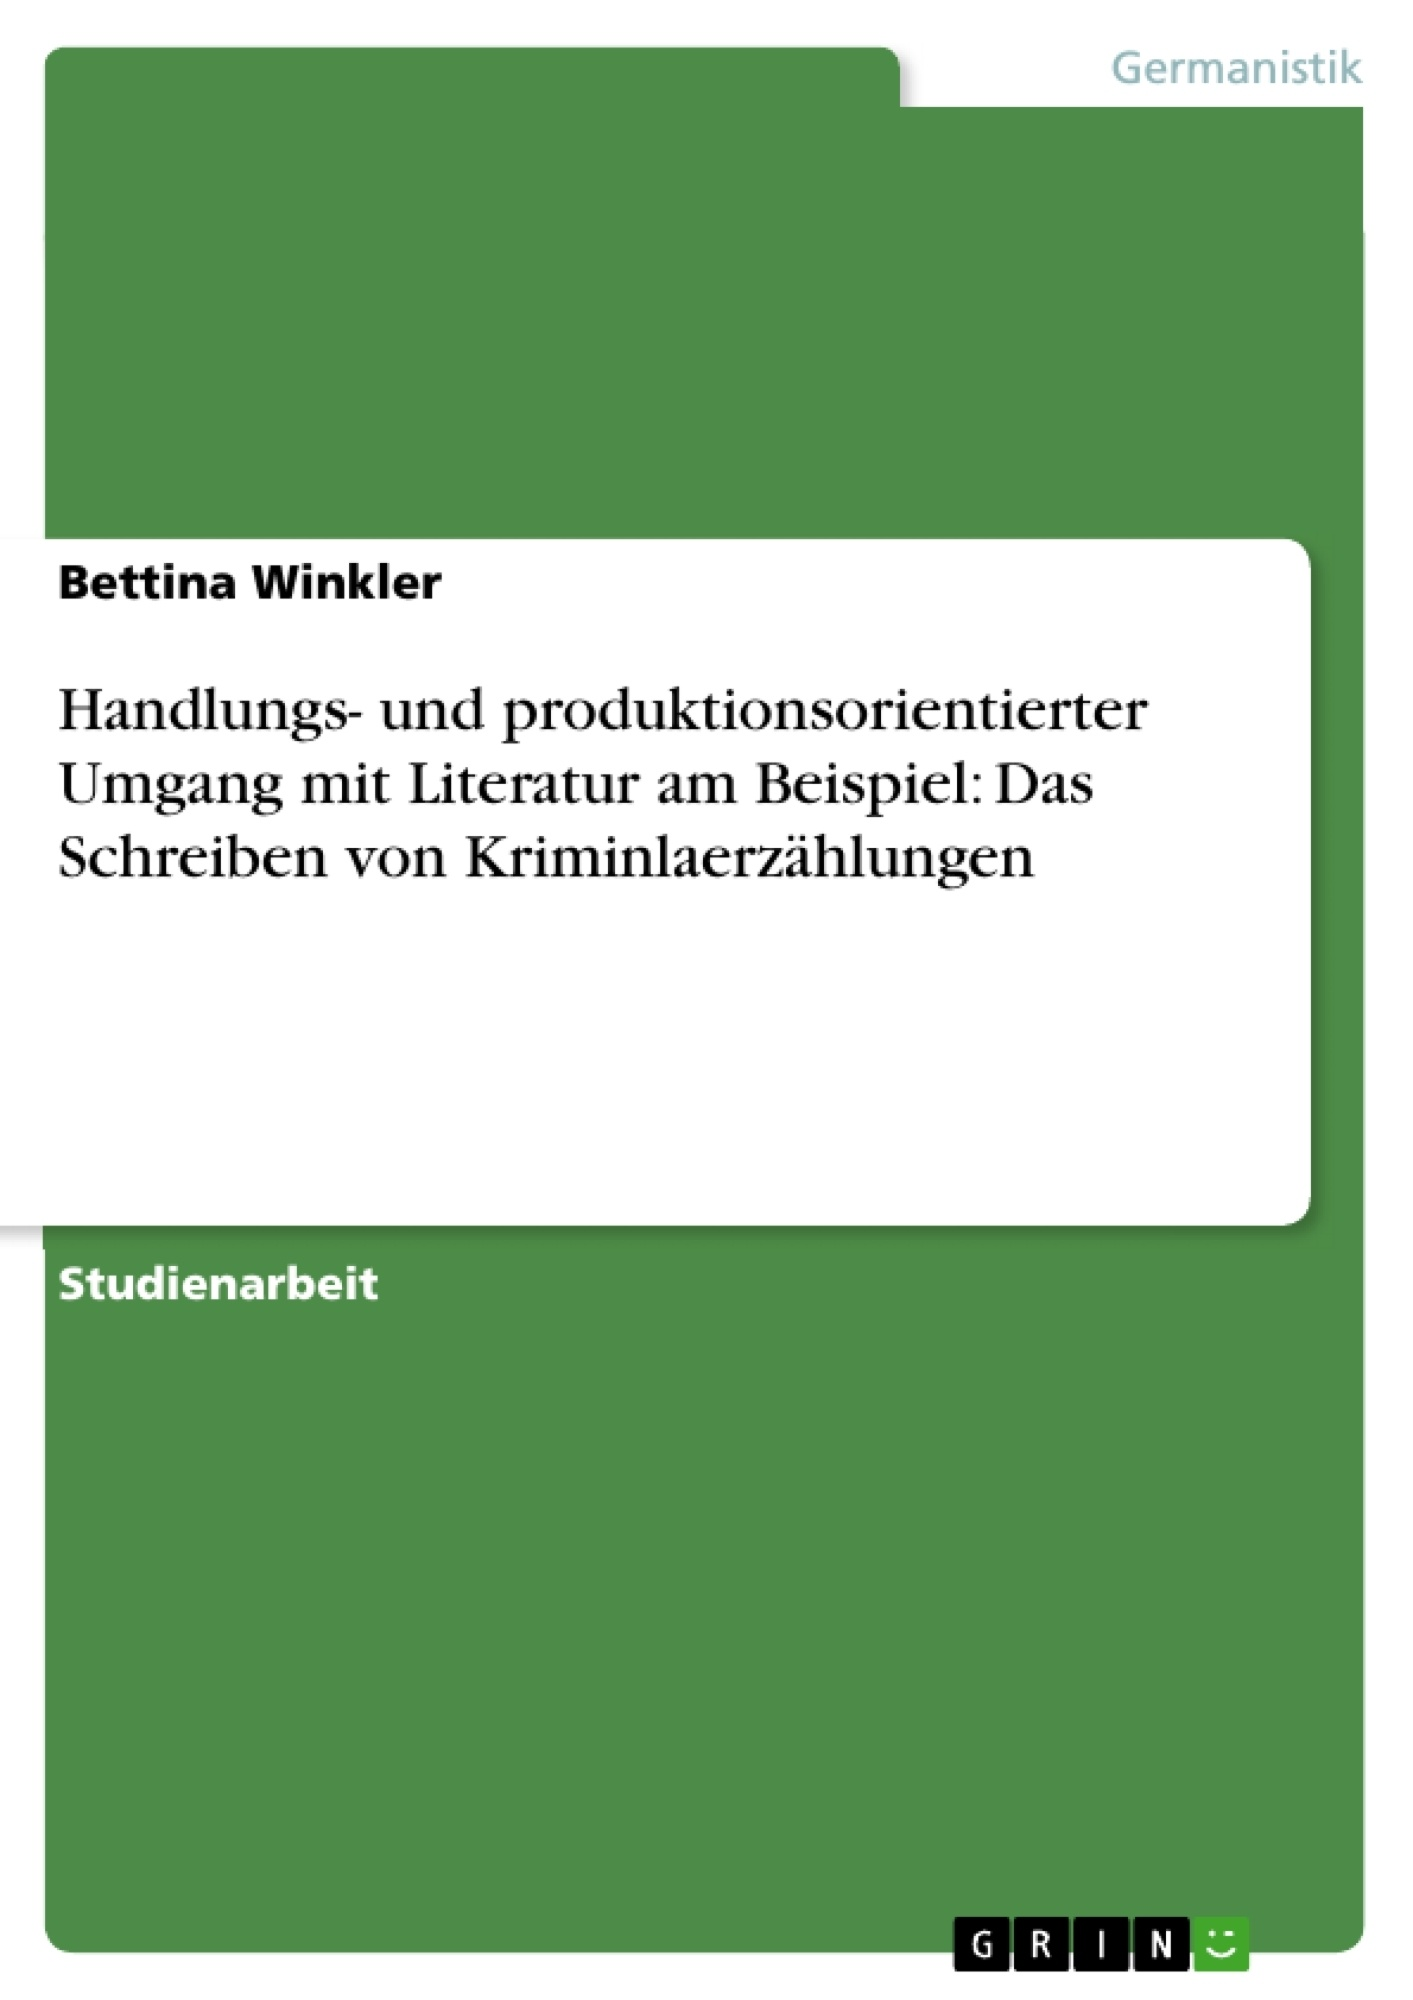 Titel: Handlungs- und produktionsorientierter Umgang mit Literatur am Beispiel: Das Schreiben von Kriminlaerzählungen